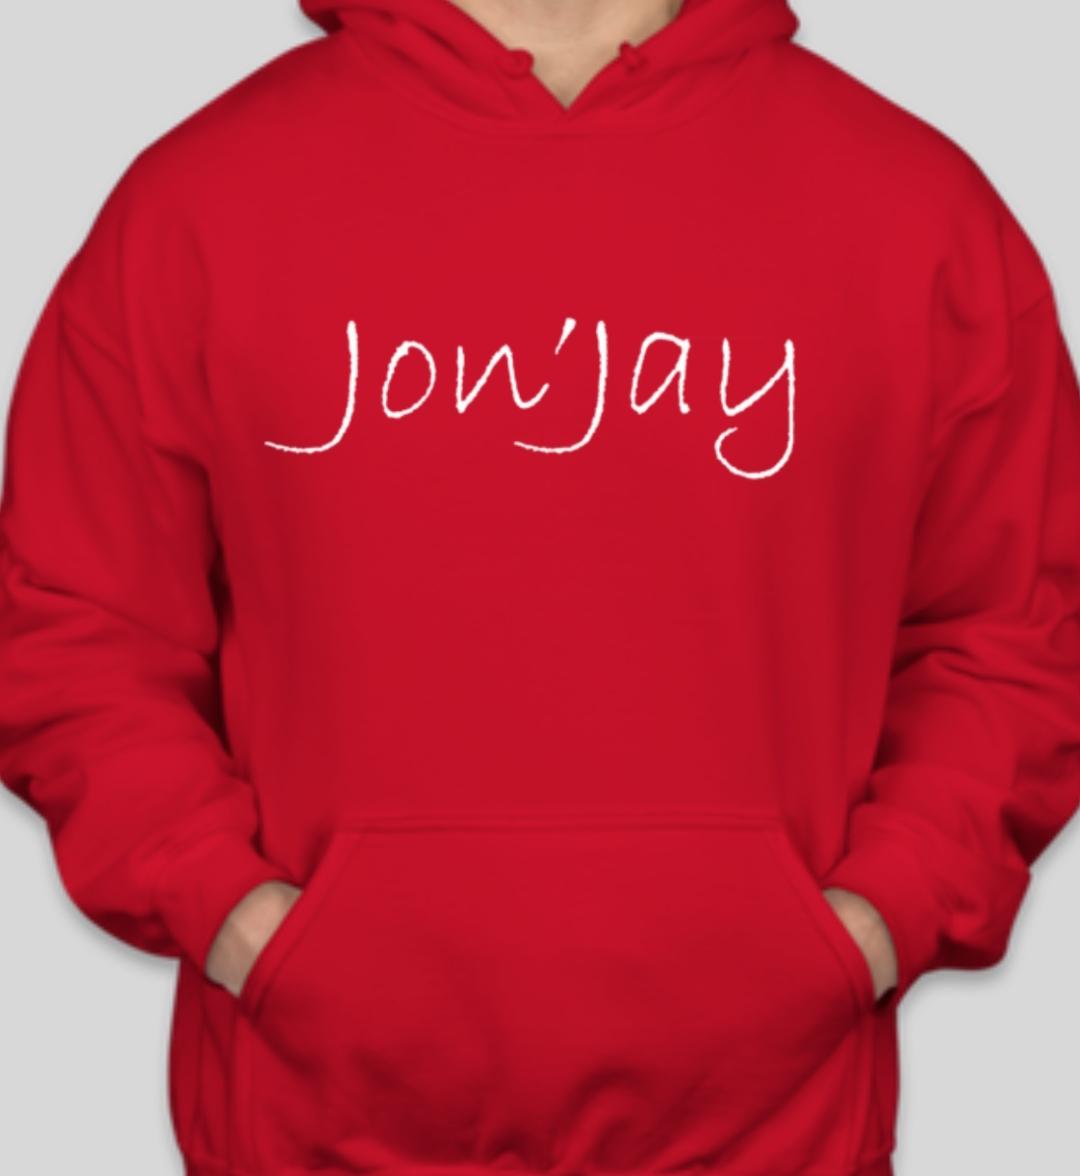 Jon'Jay Red Hoodie